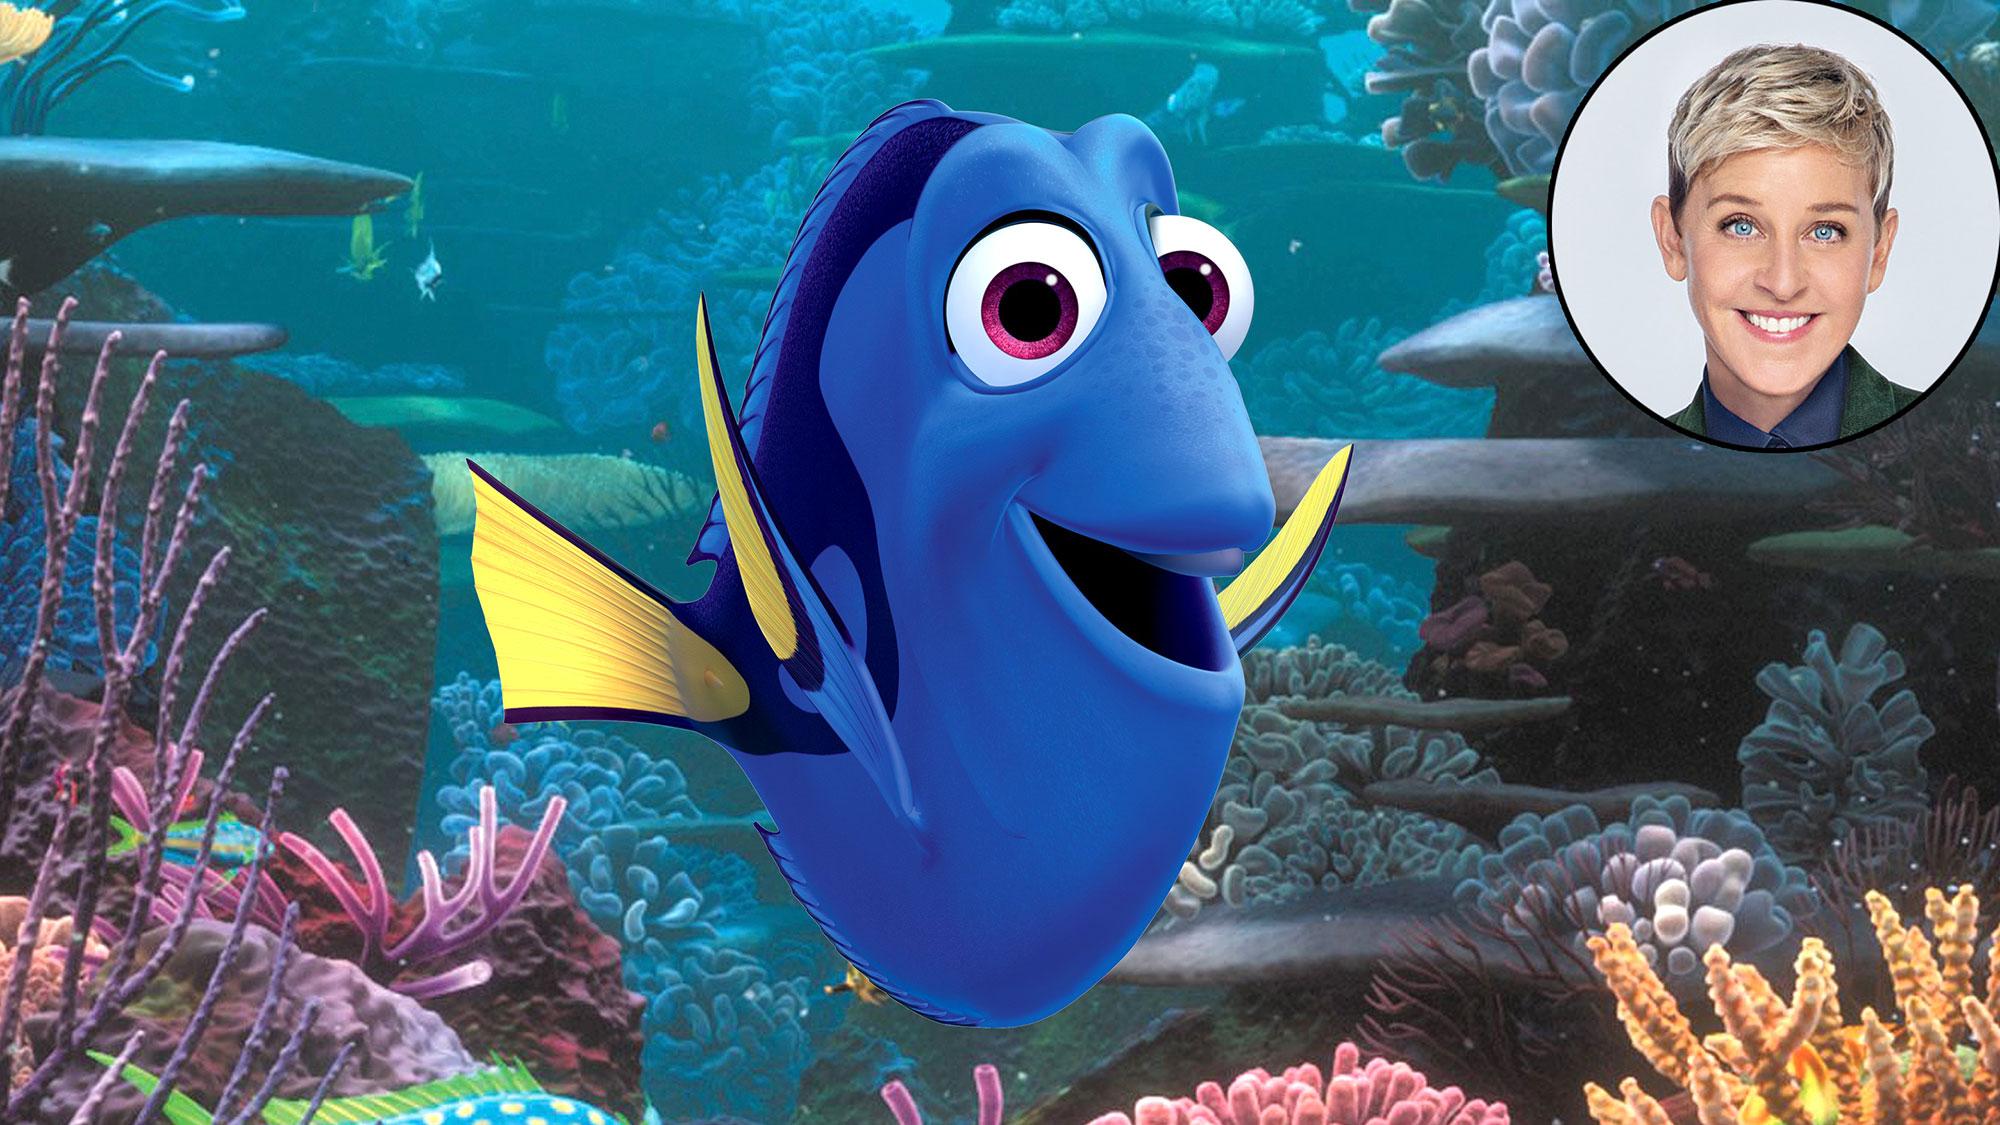 Ellen DeGeneres Finding Dory Voice Over Disney and Pixar Characters - Dory in Finding Nemo (2003)